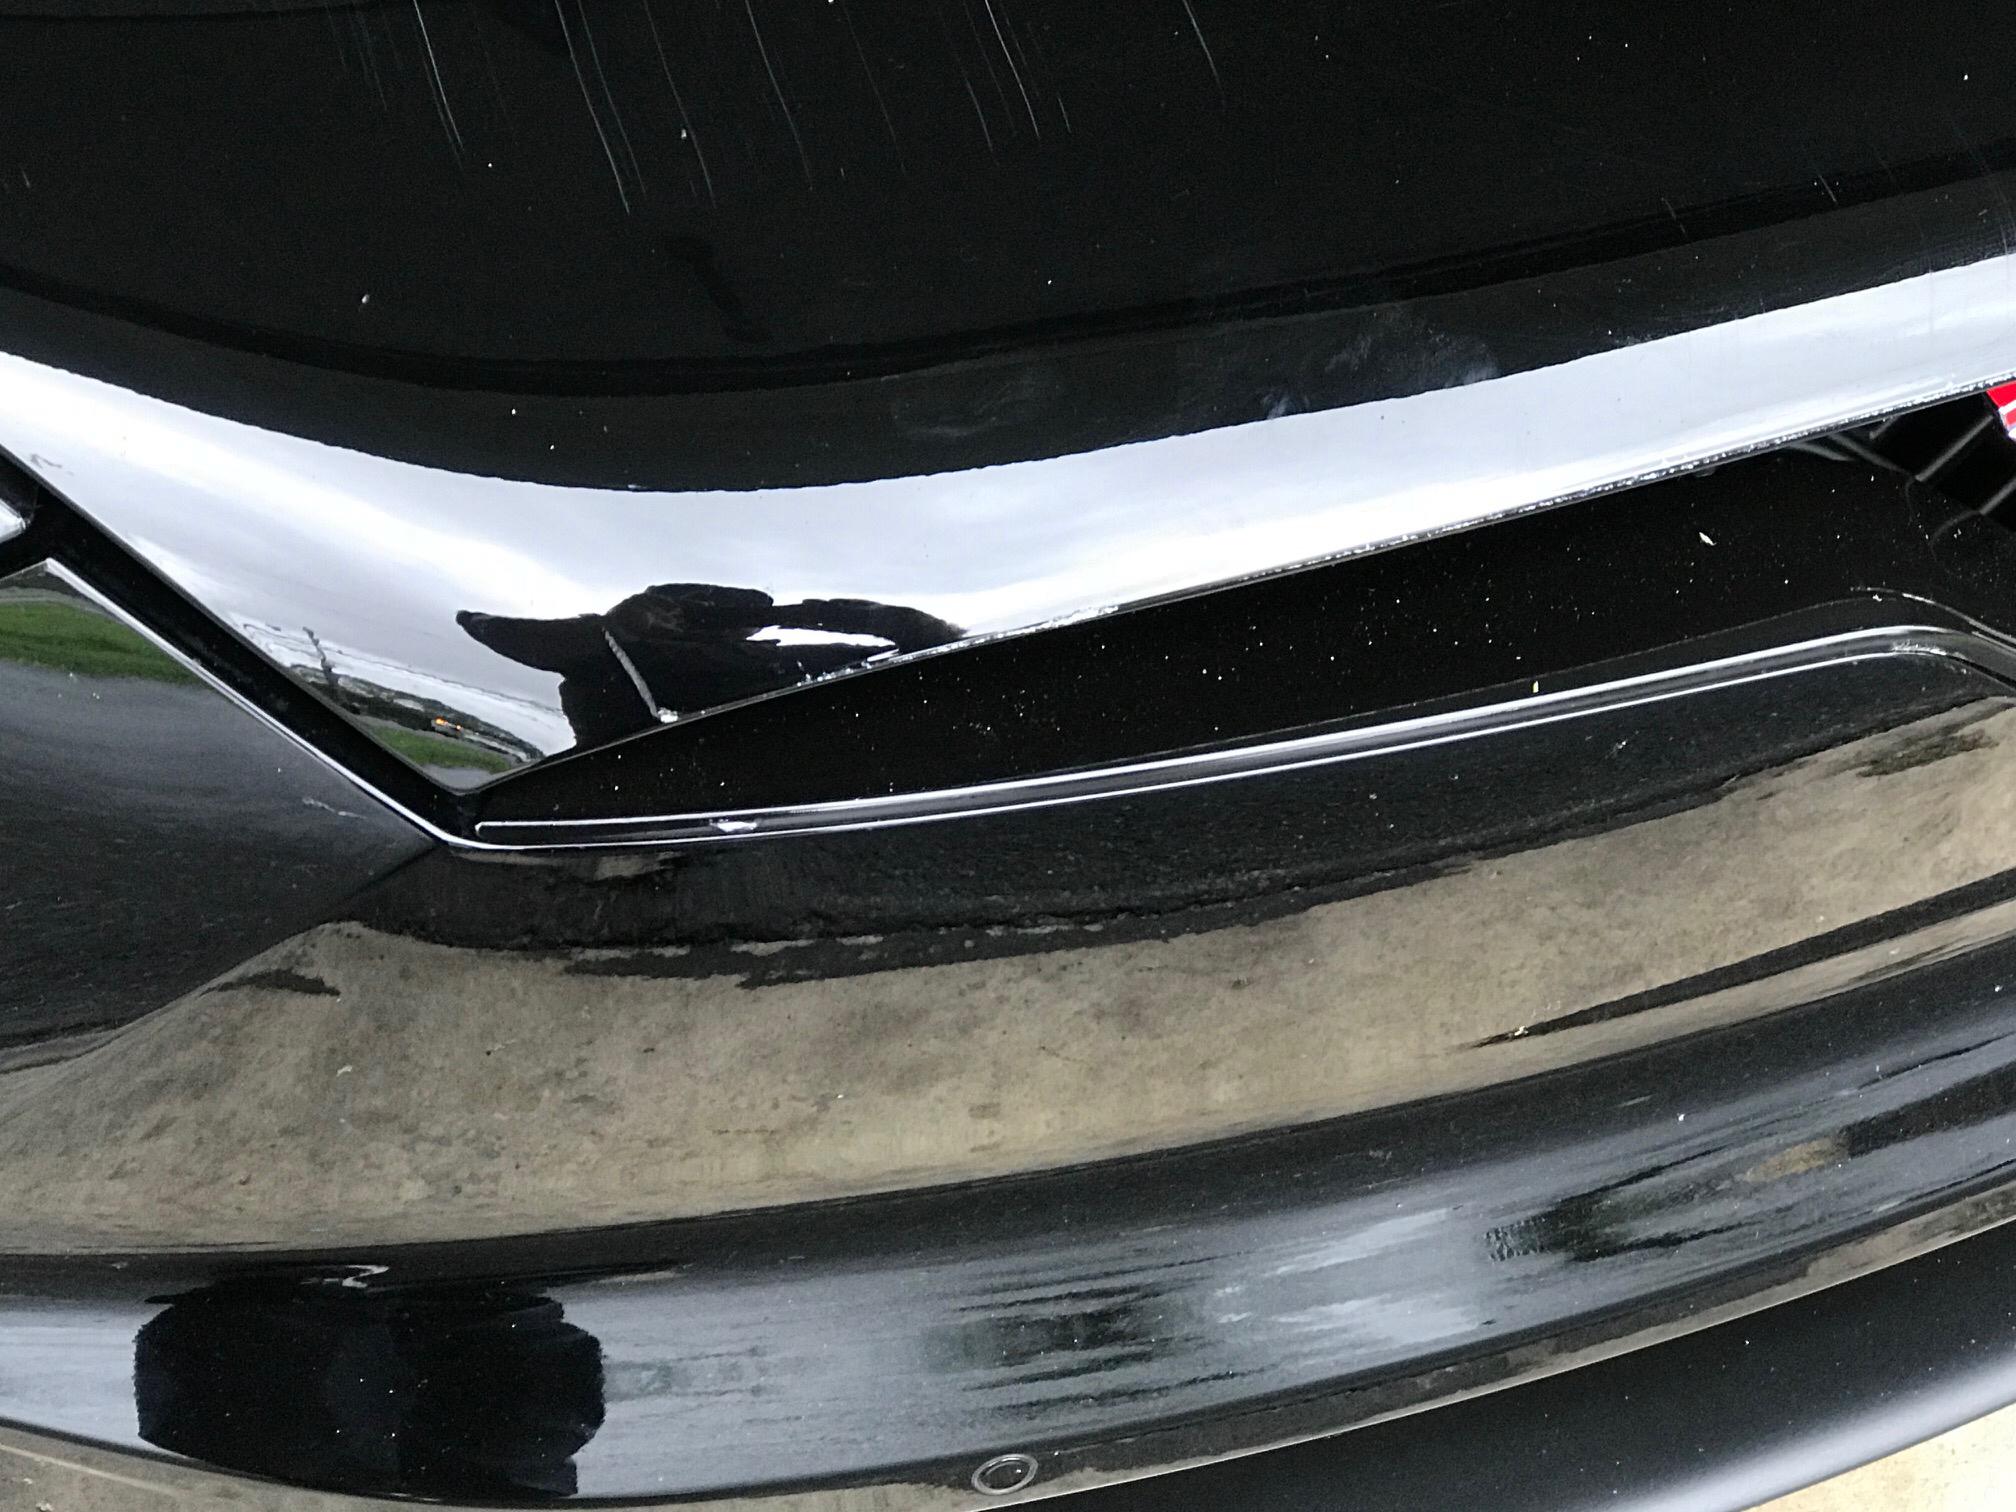 tesla-model-x-hood-damage-2